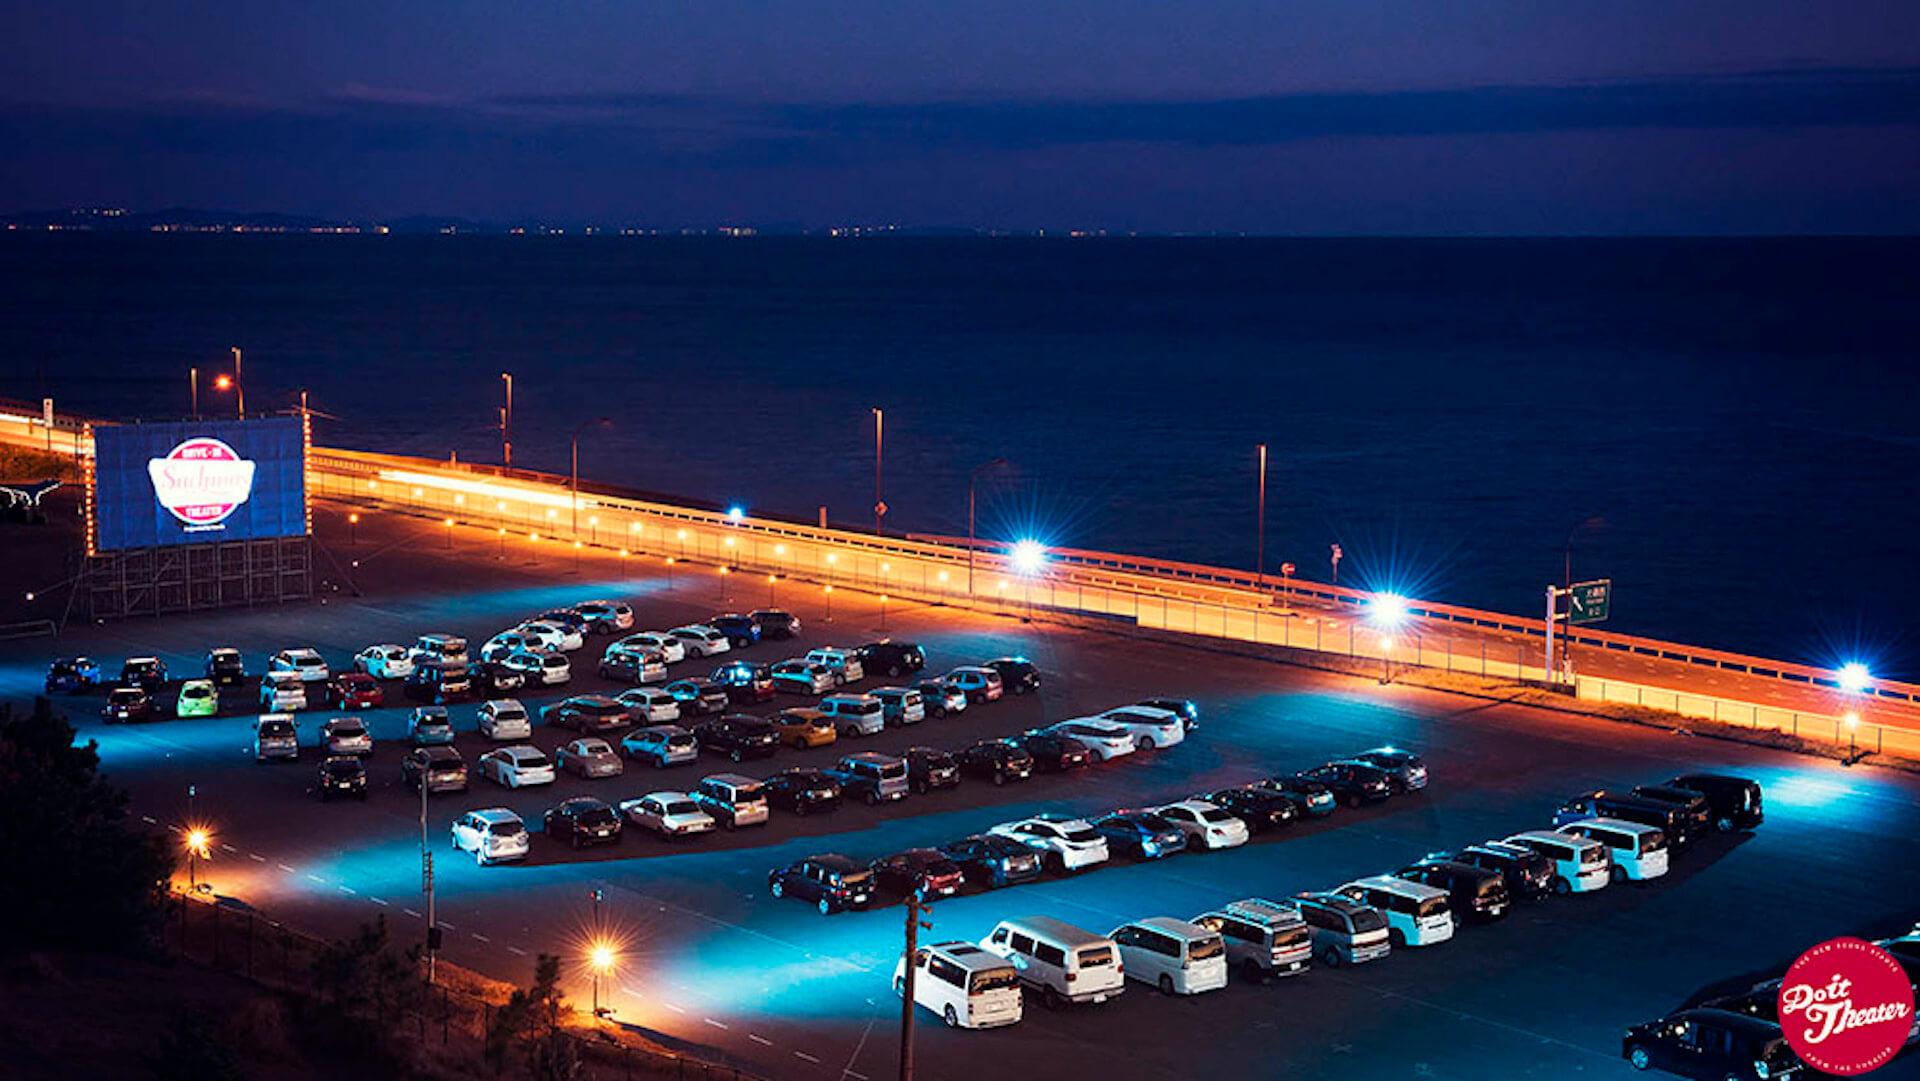 <ドライブインシアター>が大阪万博記念公園、大磯ロングビーチで開催決定!PUNPEE、VERBALからの賛同コメントも ac200623_driveintheater_09